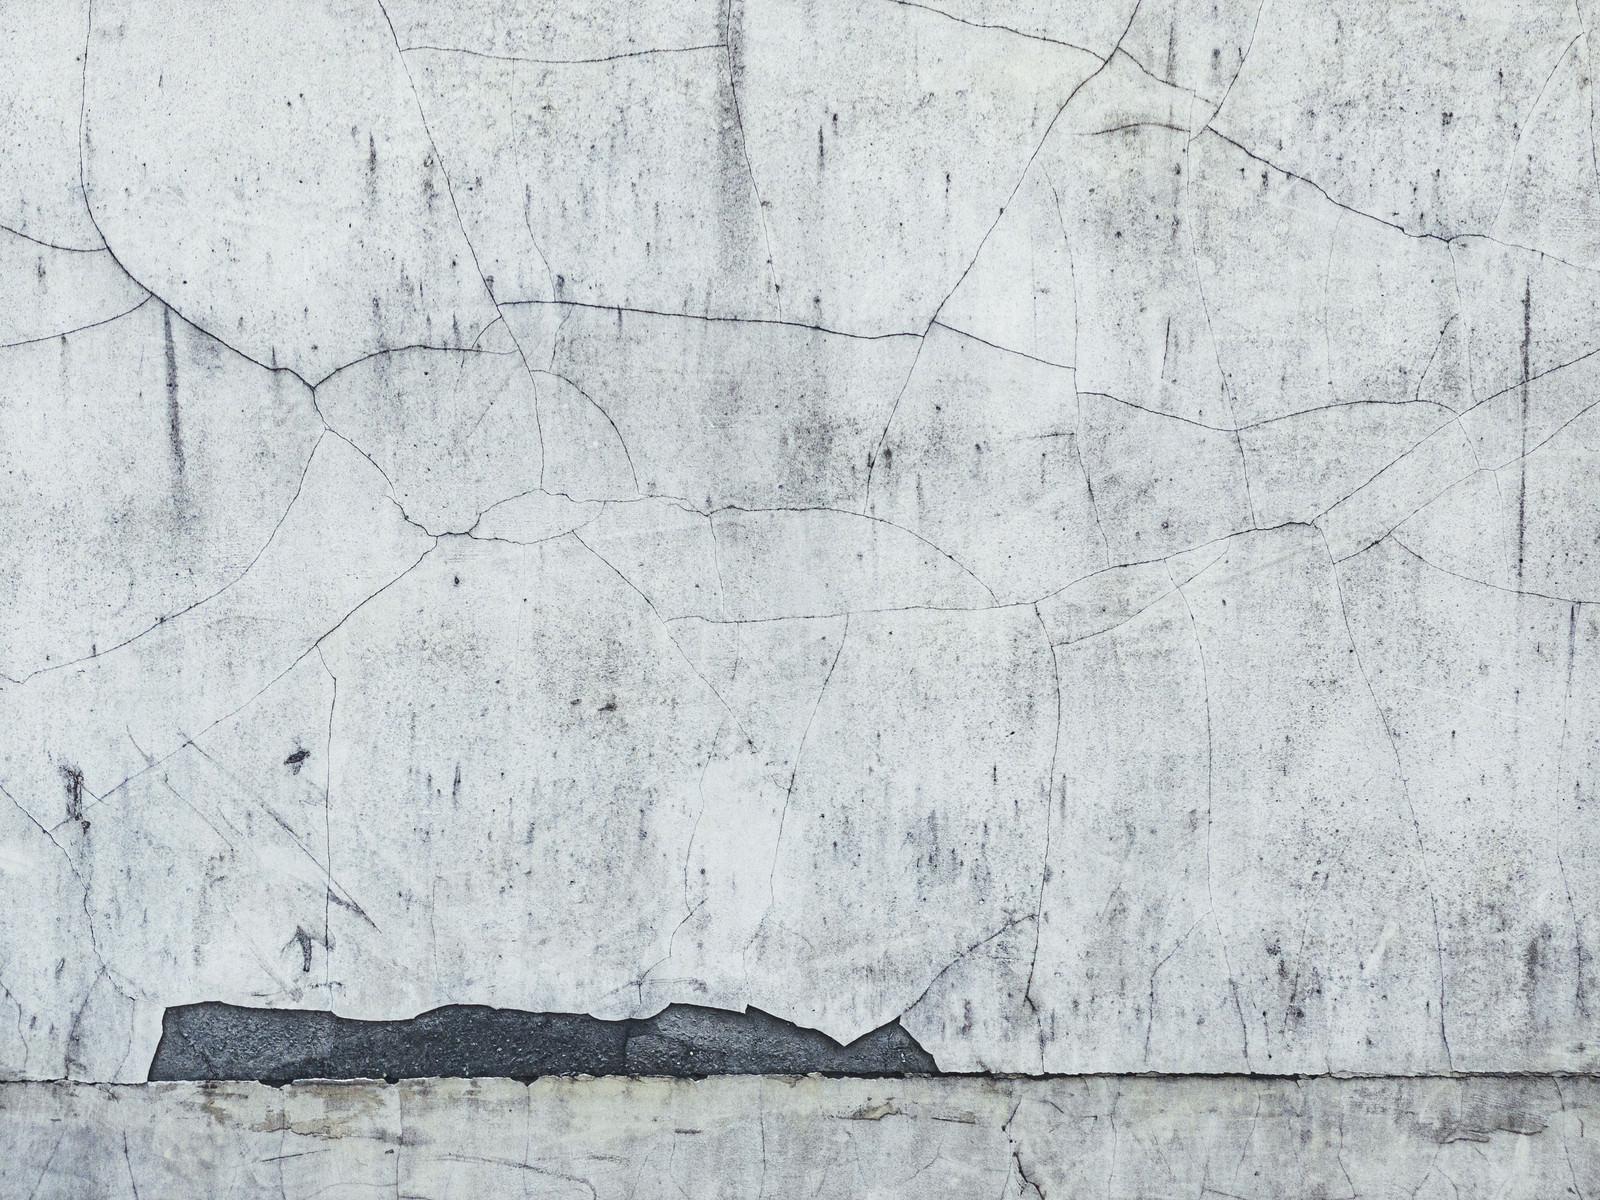 「ひび割れが著しいコンクリートの壁」の写真